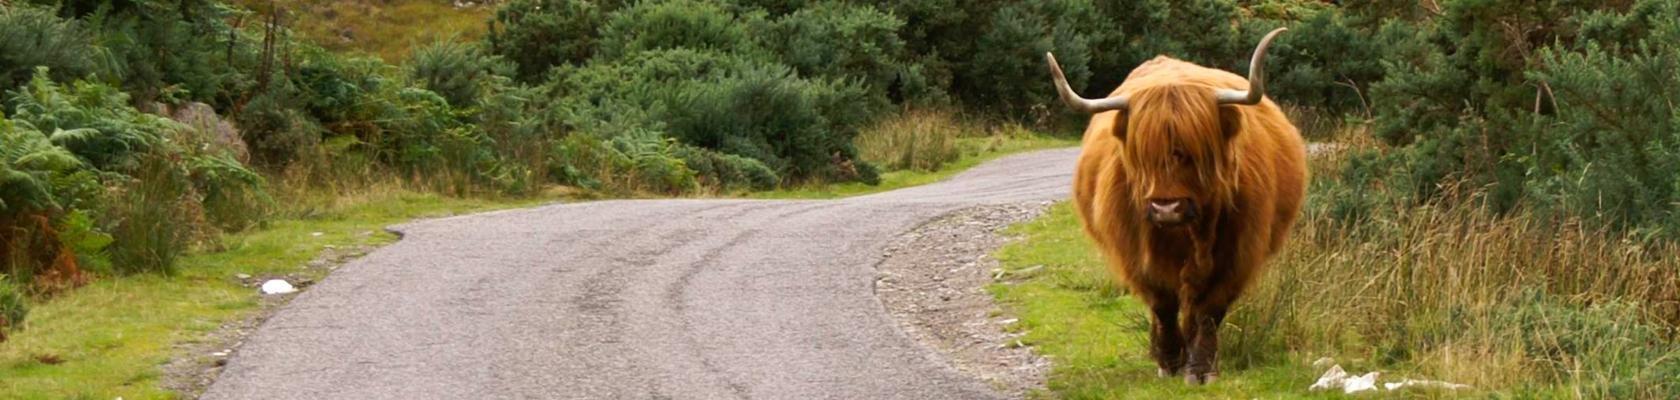 Schotse Hooglander op de weg